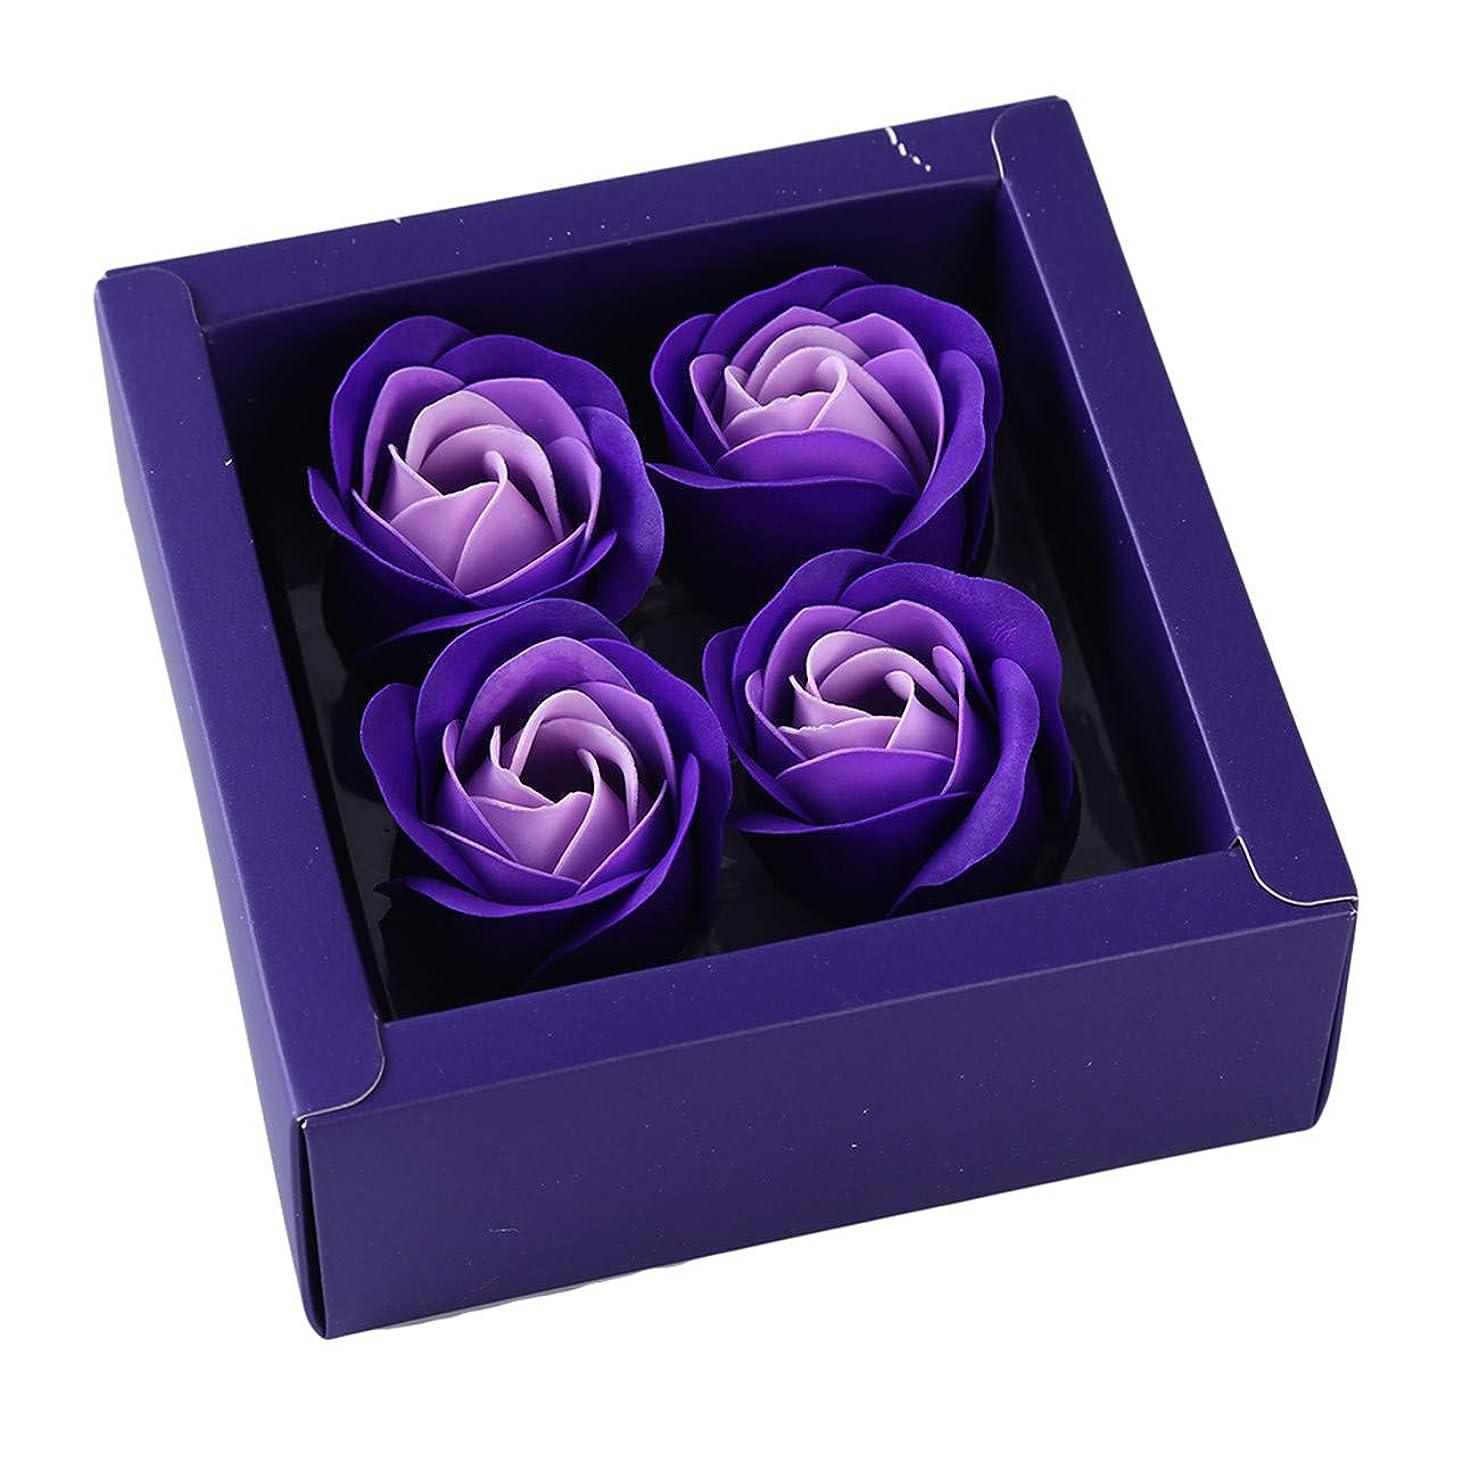 巨大な首相送信するBigsweety ロマンチックな花の香りのバスソープバラの花びら創造的なバラの花びらボディソープバレンタインデーの贈り物 (紫の)